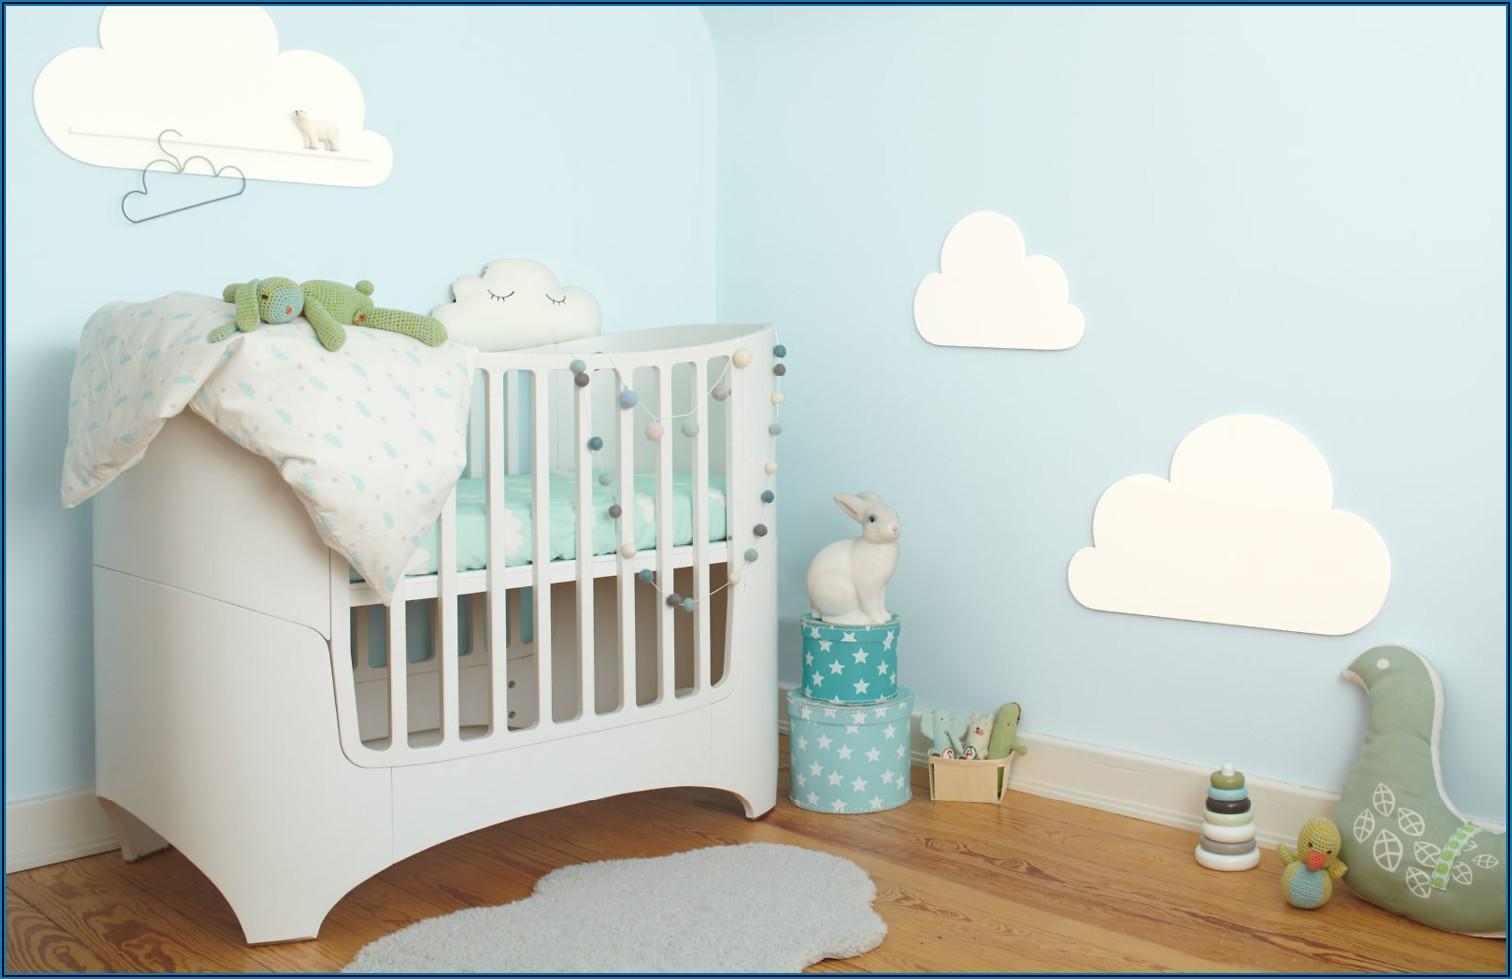 Farbe Kinderzimmer Blauer Engel